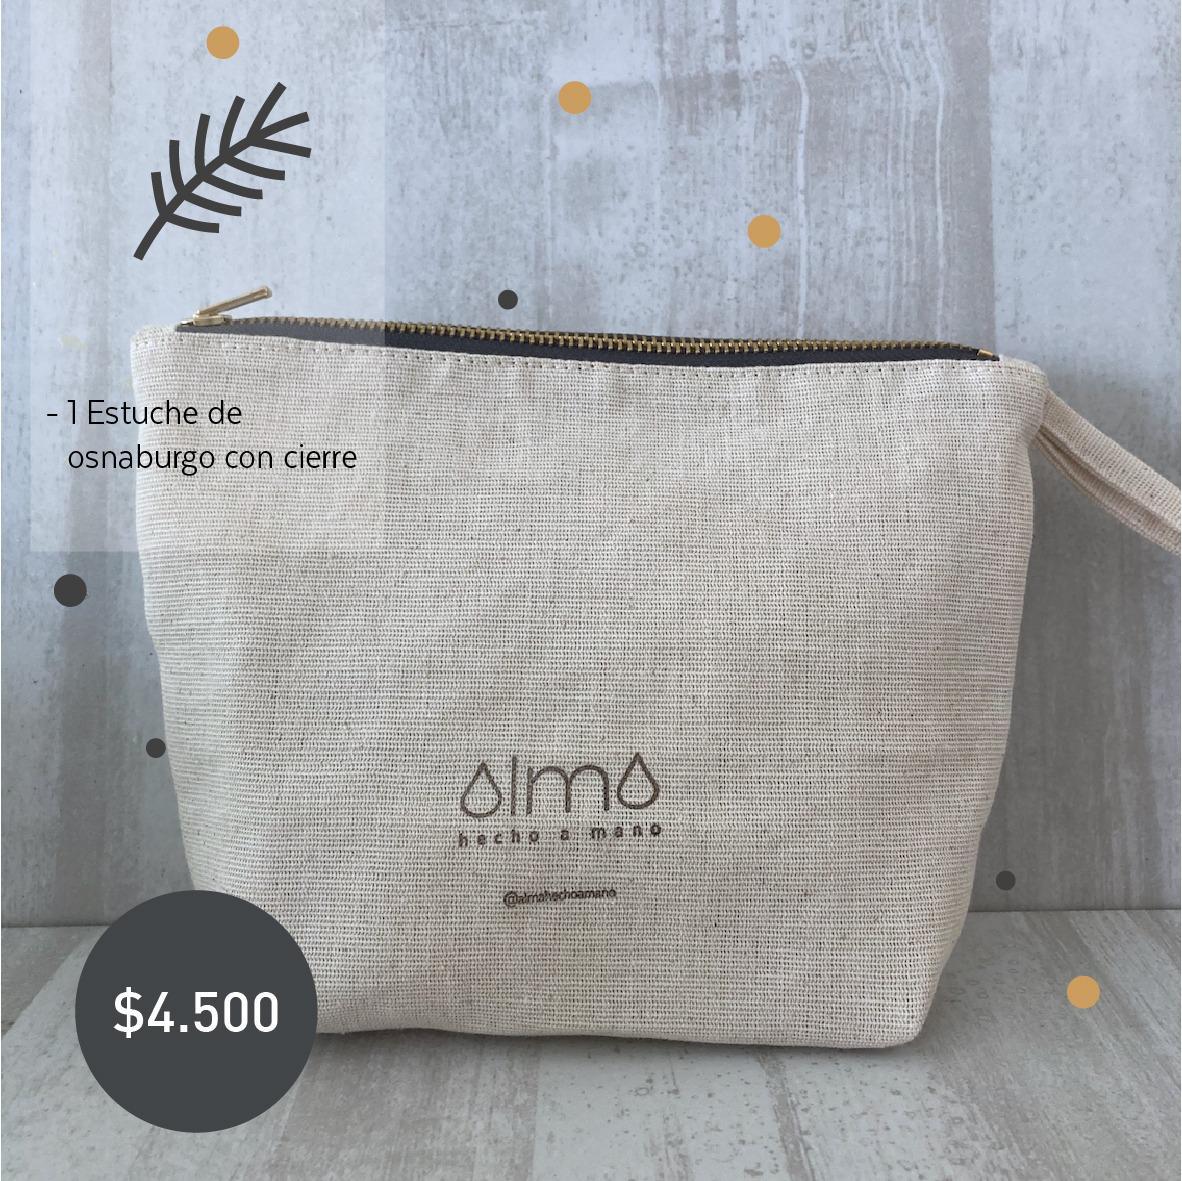 Ideas de regalo: packs de cosmética vegetal Alma 1